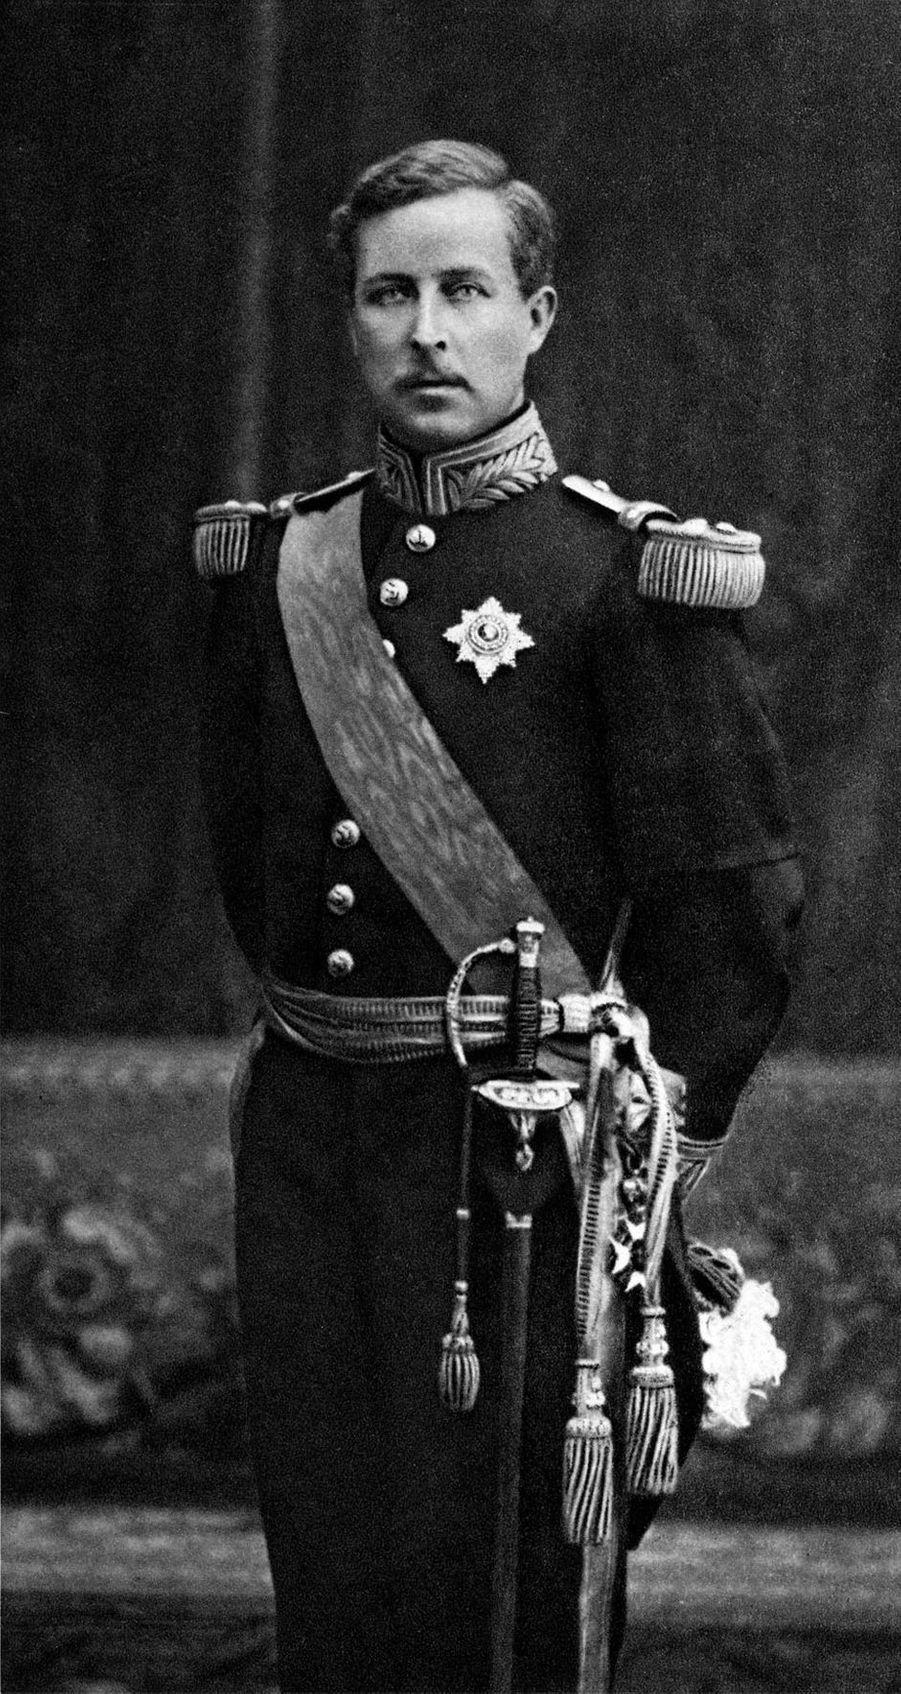 Le roi des Belges Albert Ier (ici en 1920) régna de 1909 à 1934